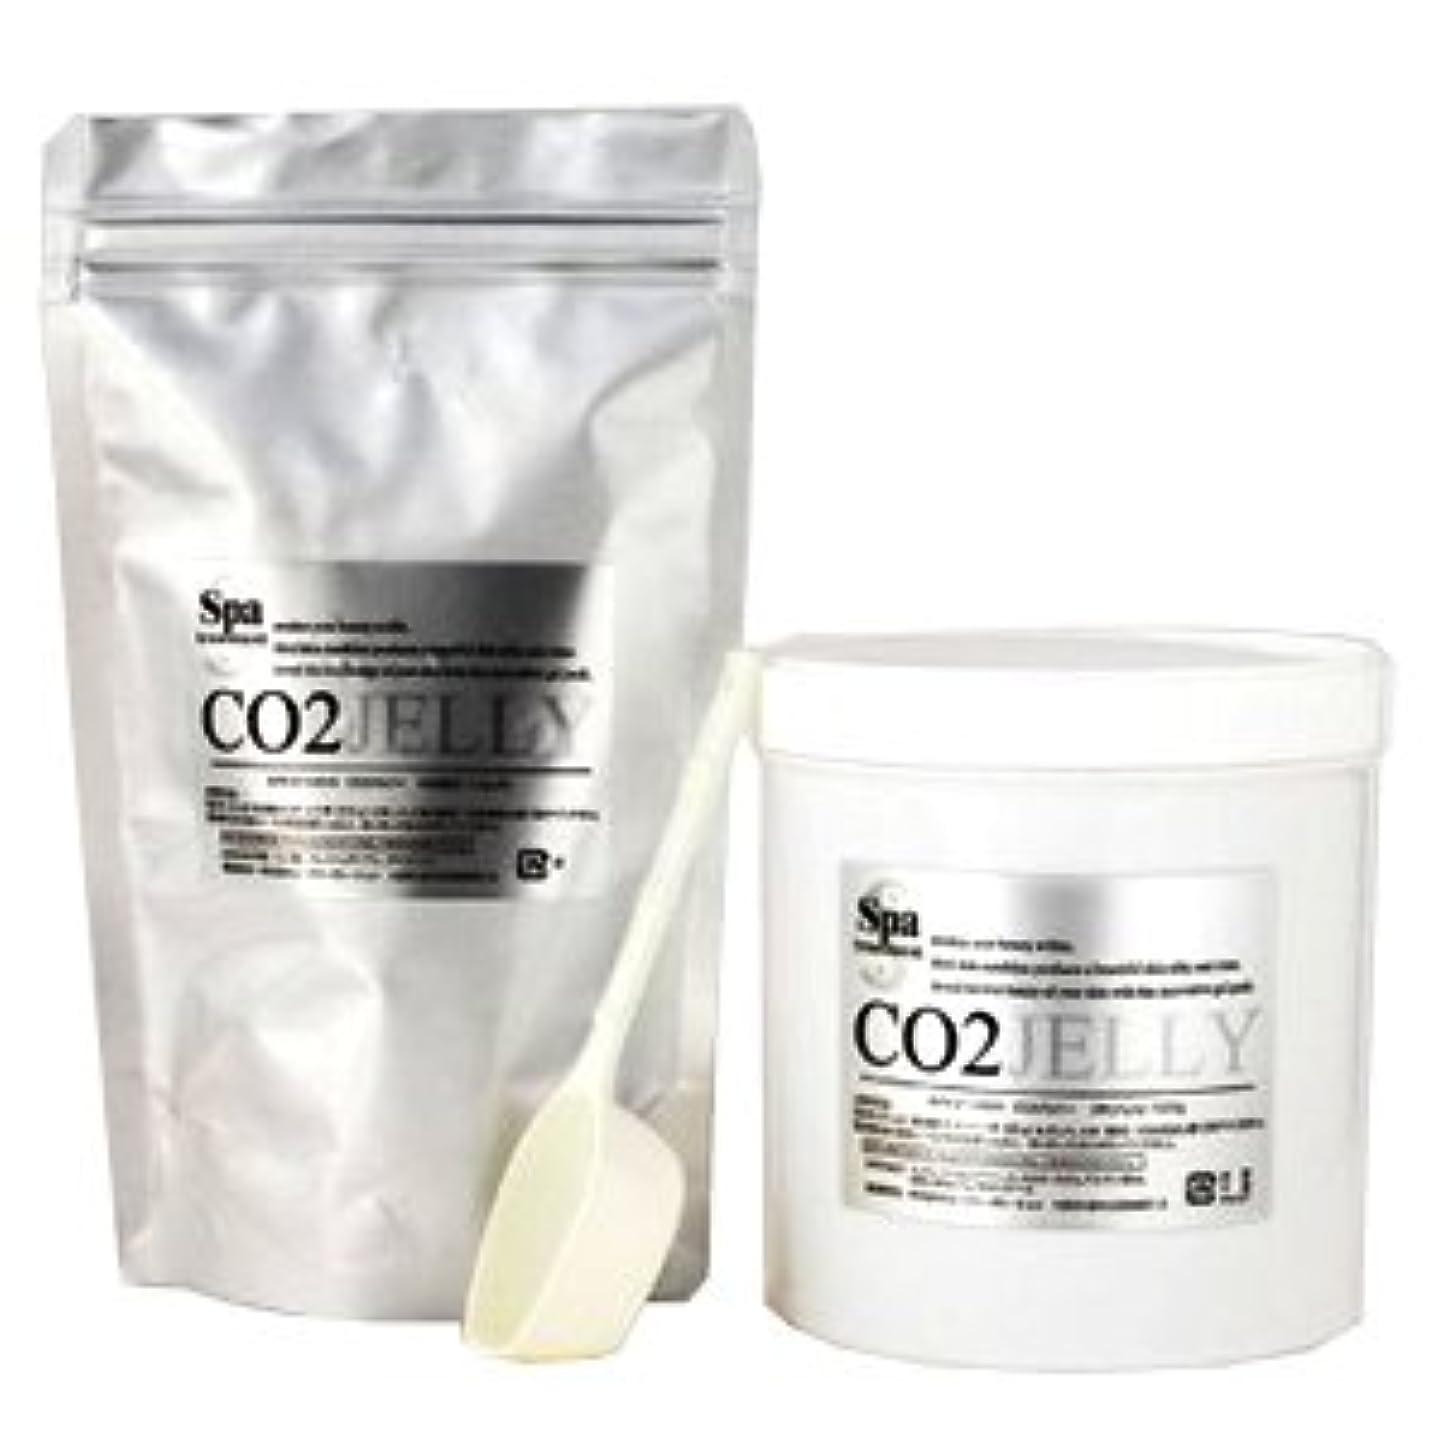 休眠シリンダーコマーススパトリートメント CO2ジェリーN 40回分 業務用 炭酸パック